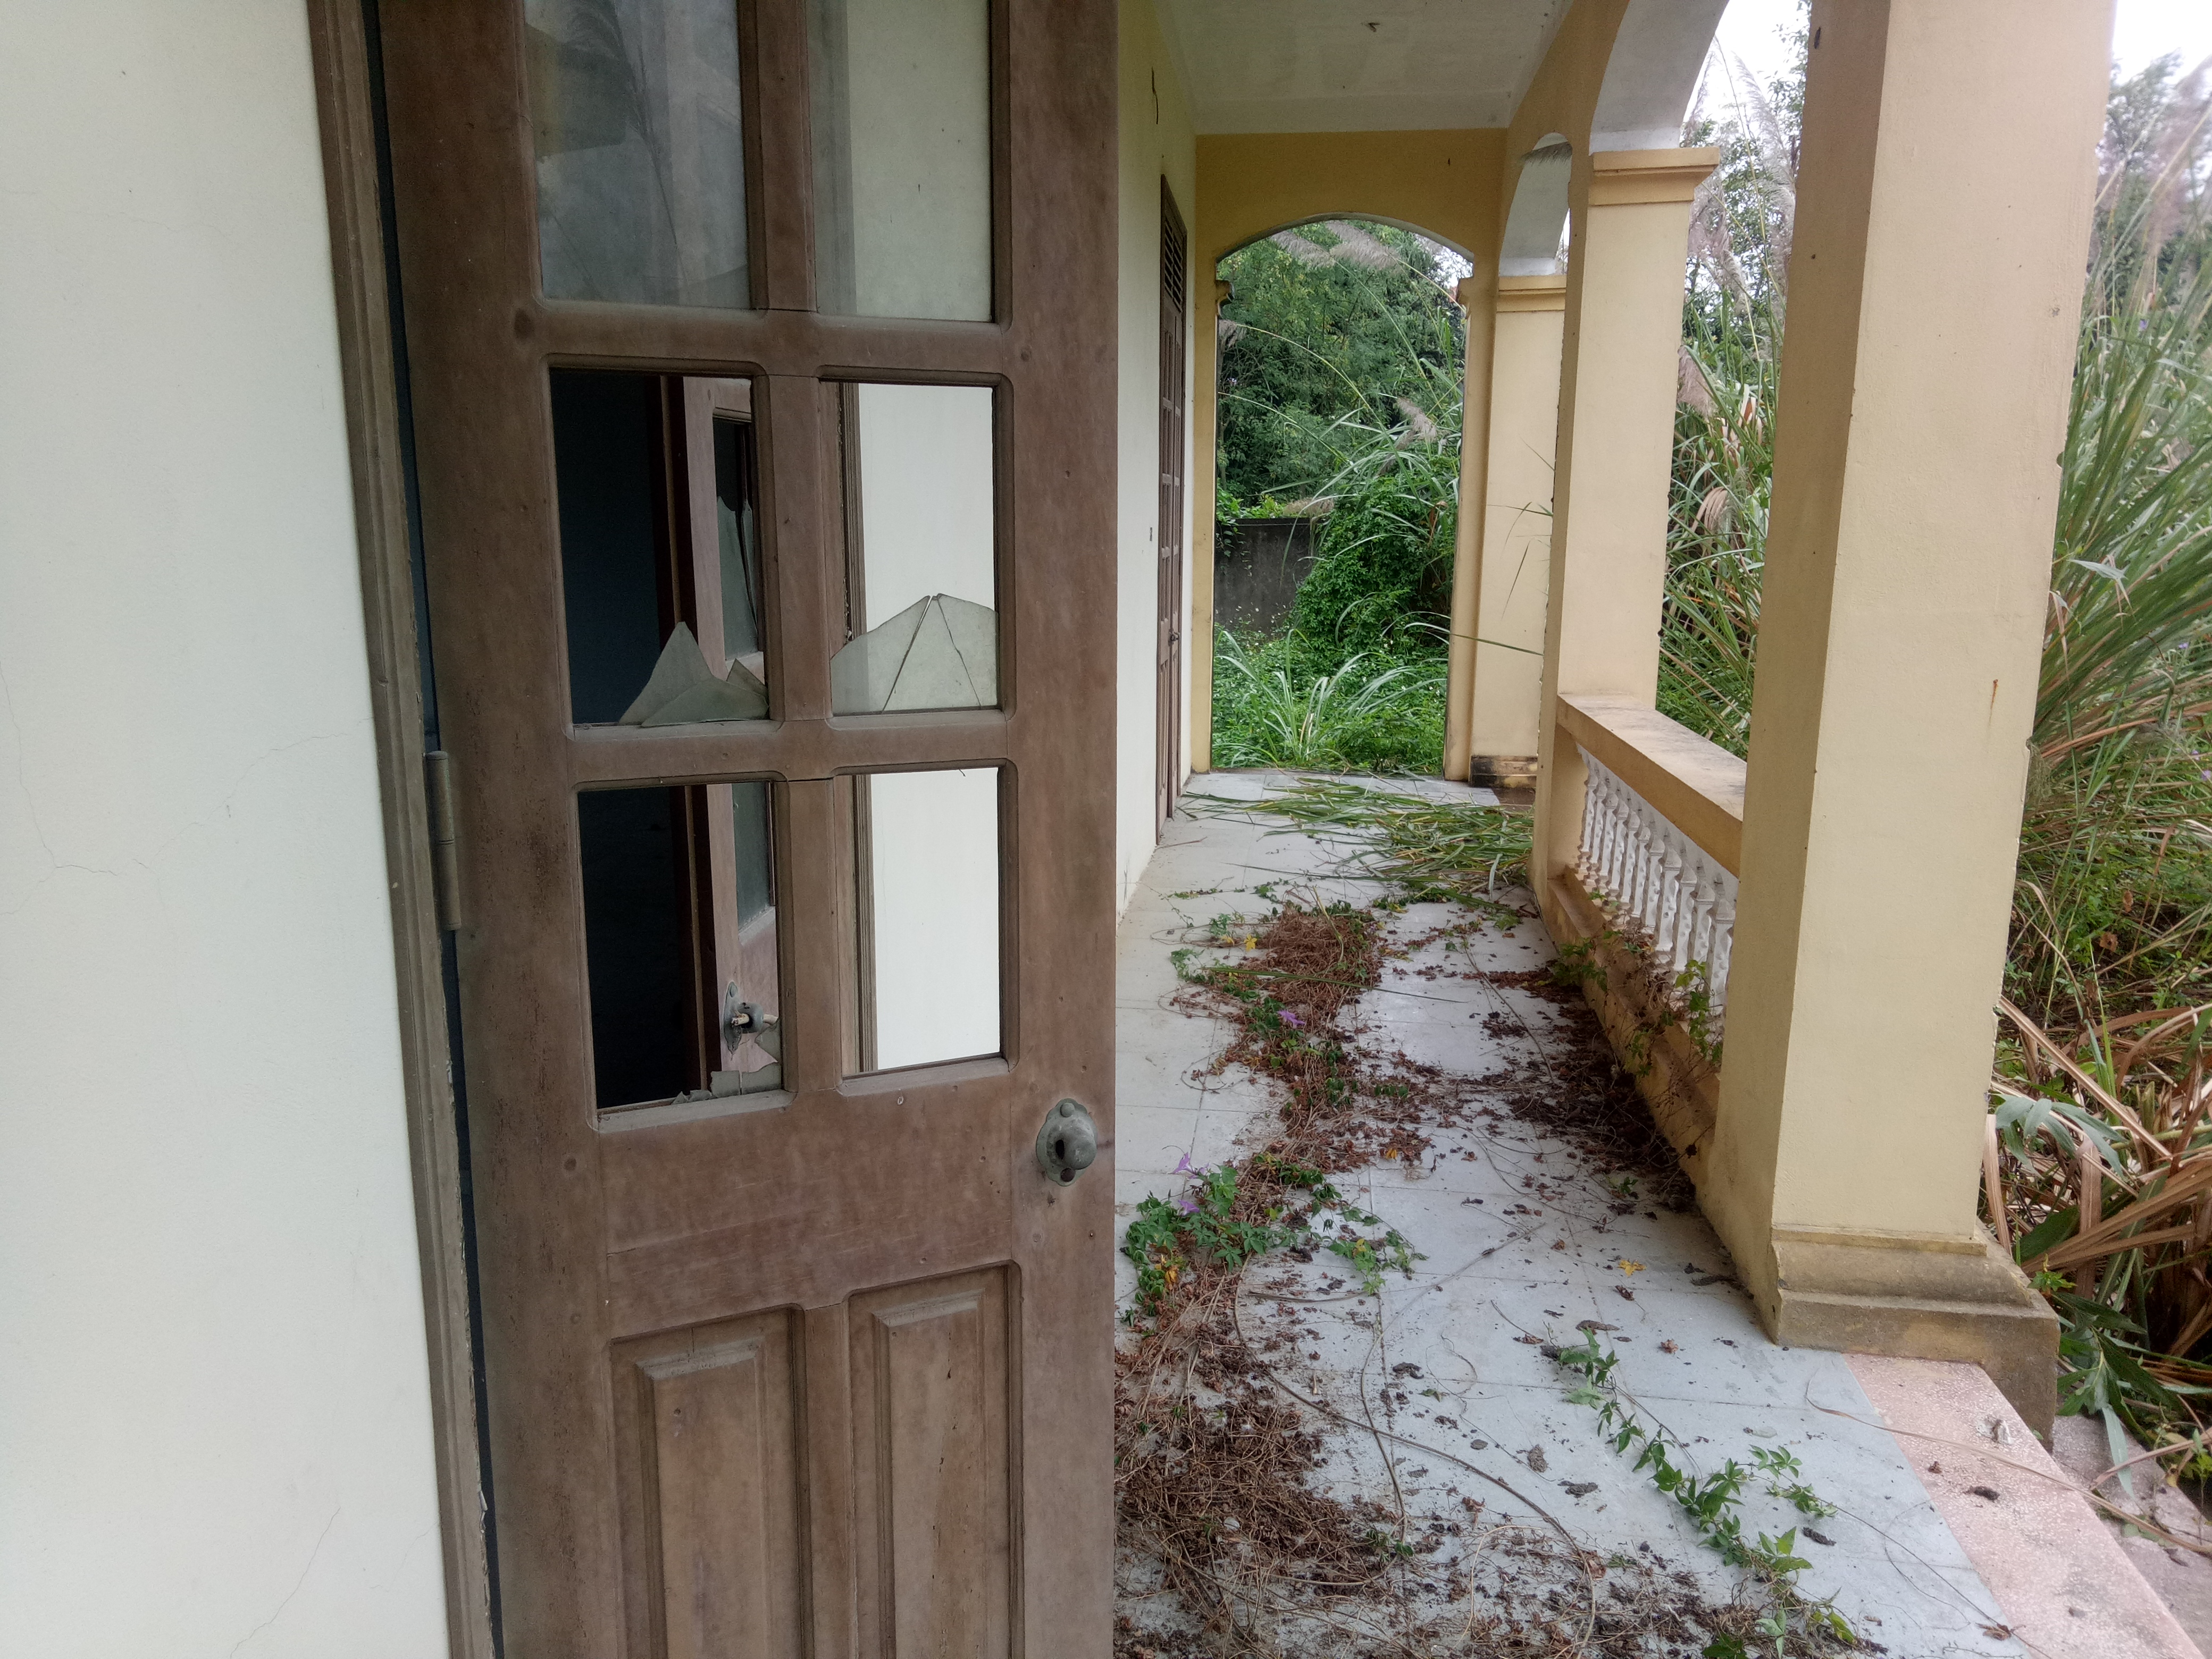 Gần như toàn bộ số cửa kính trong công trình 2 tầng đều đã bị hư hỏng, vỡ nát.